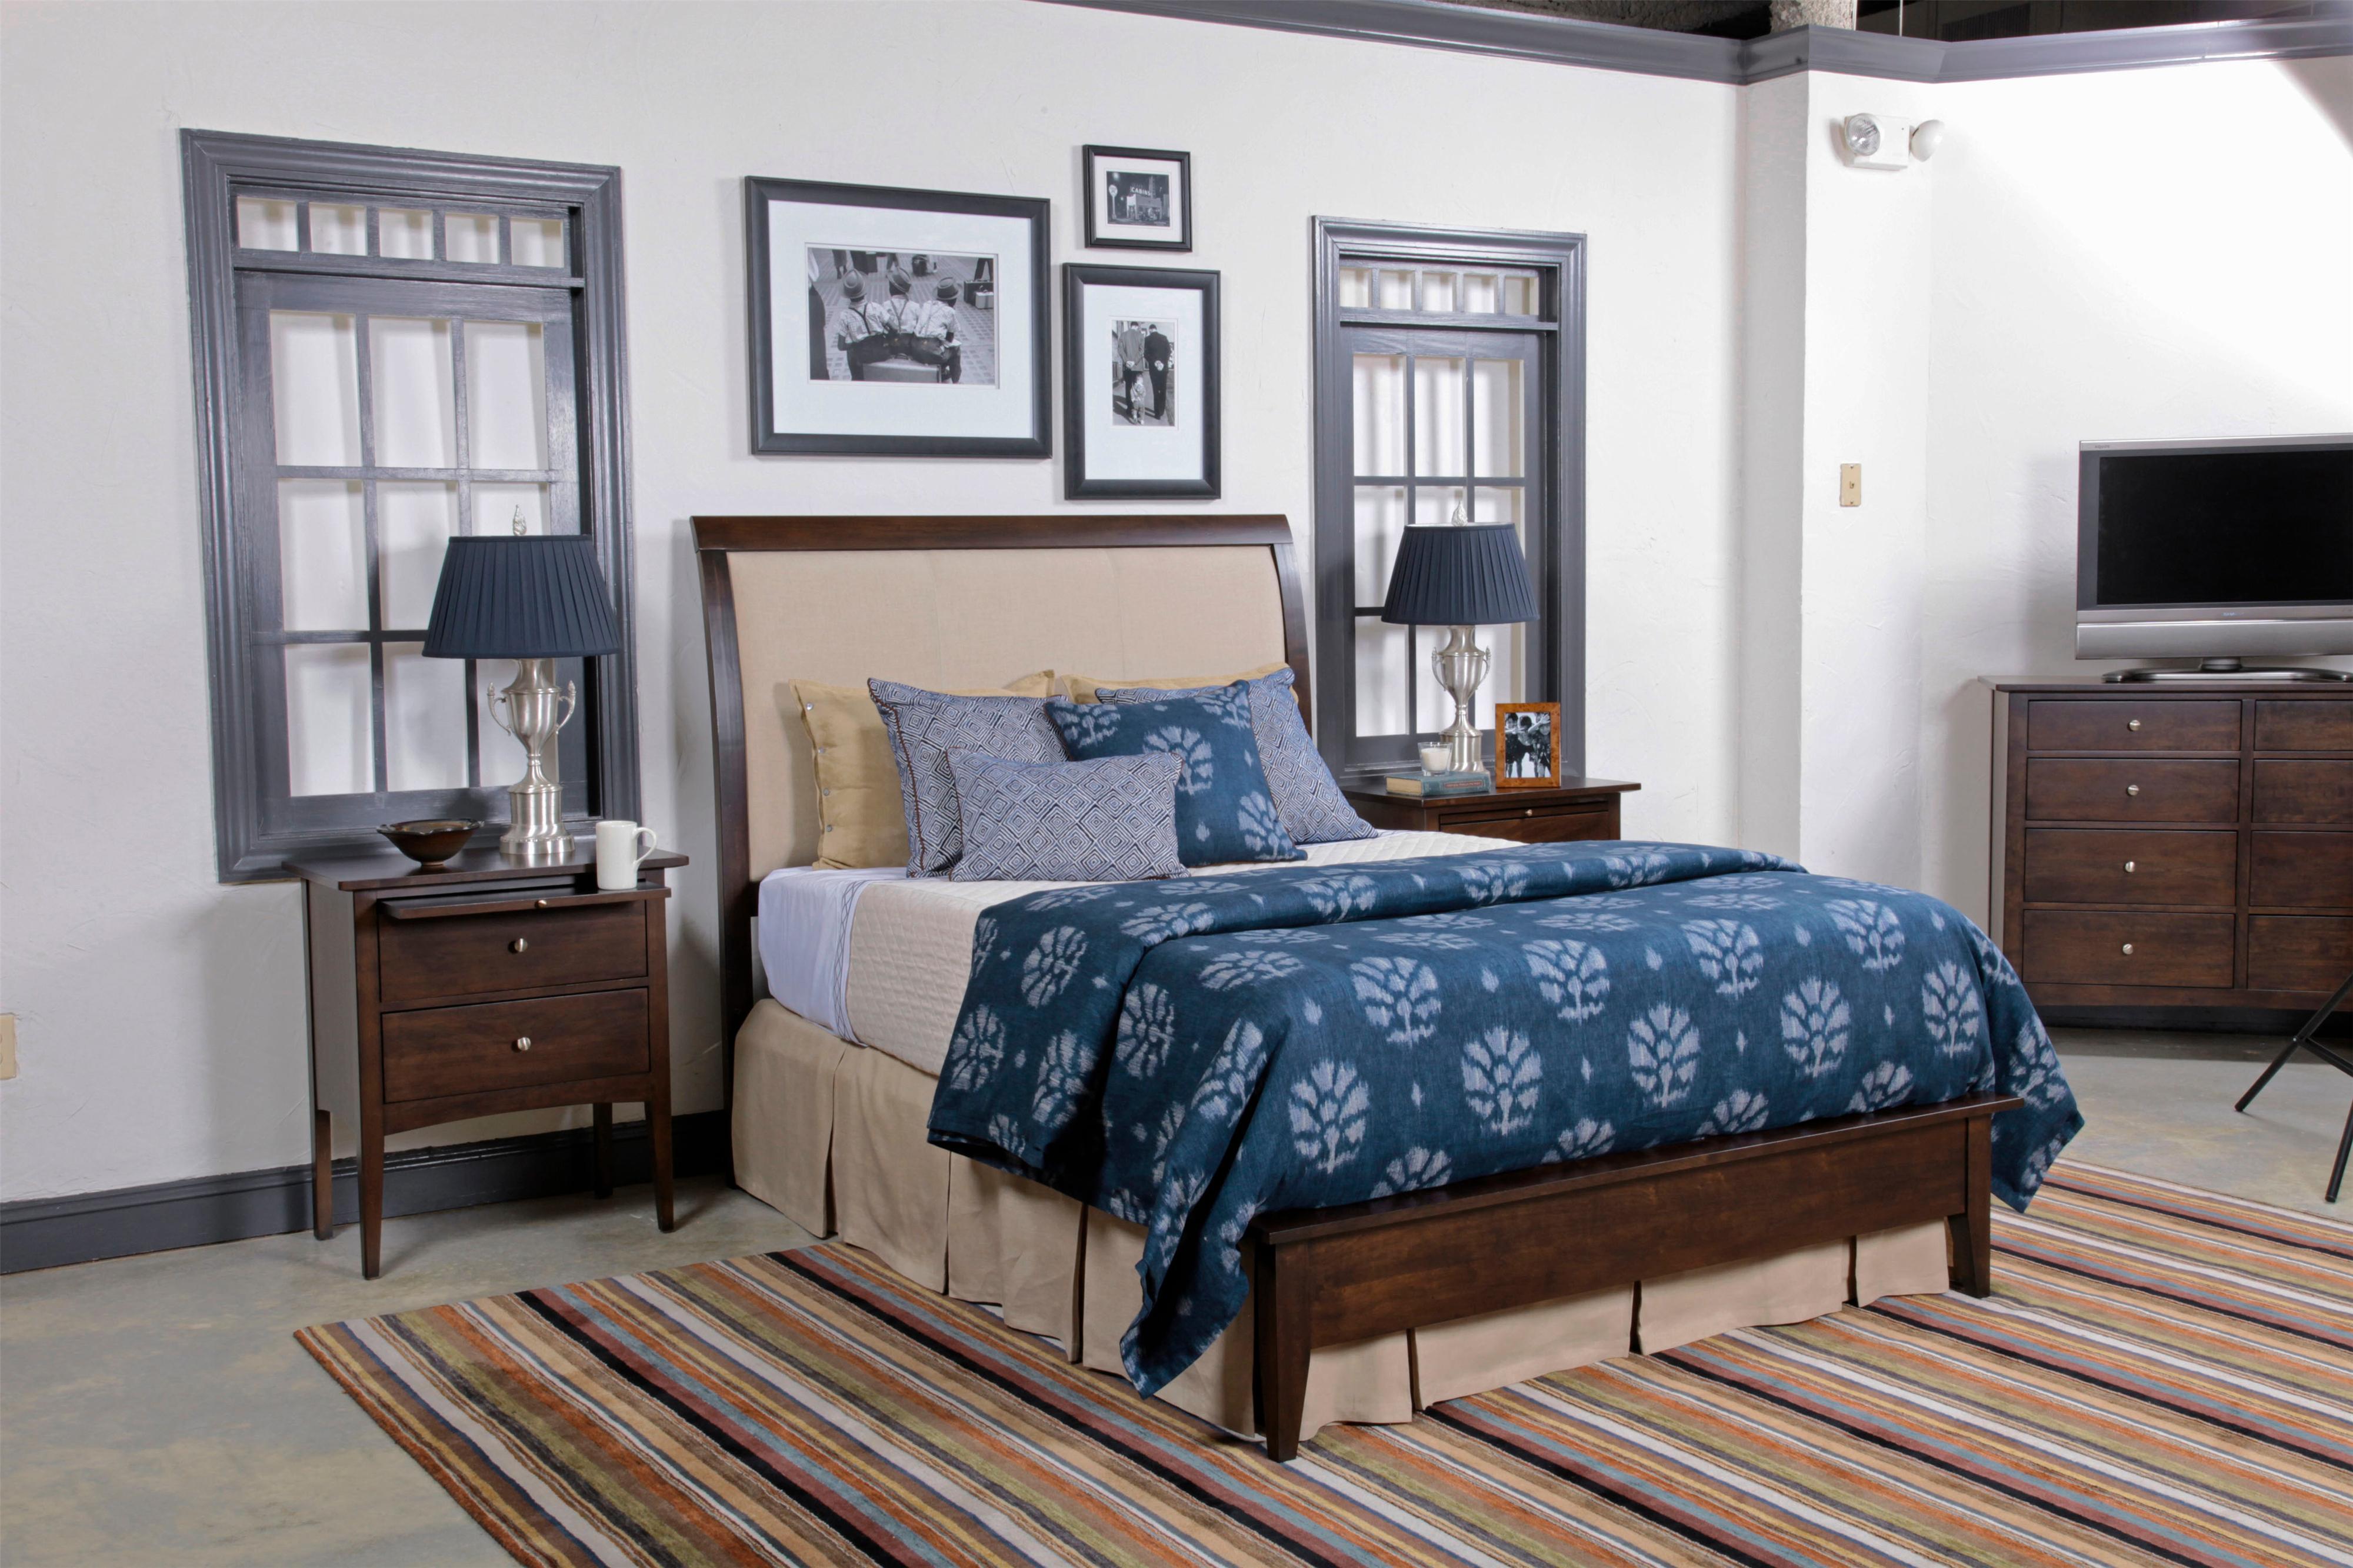 Kincaid Furniture Gatherings K Bedroom Group - Item Number: K Bedroom Group 9